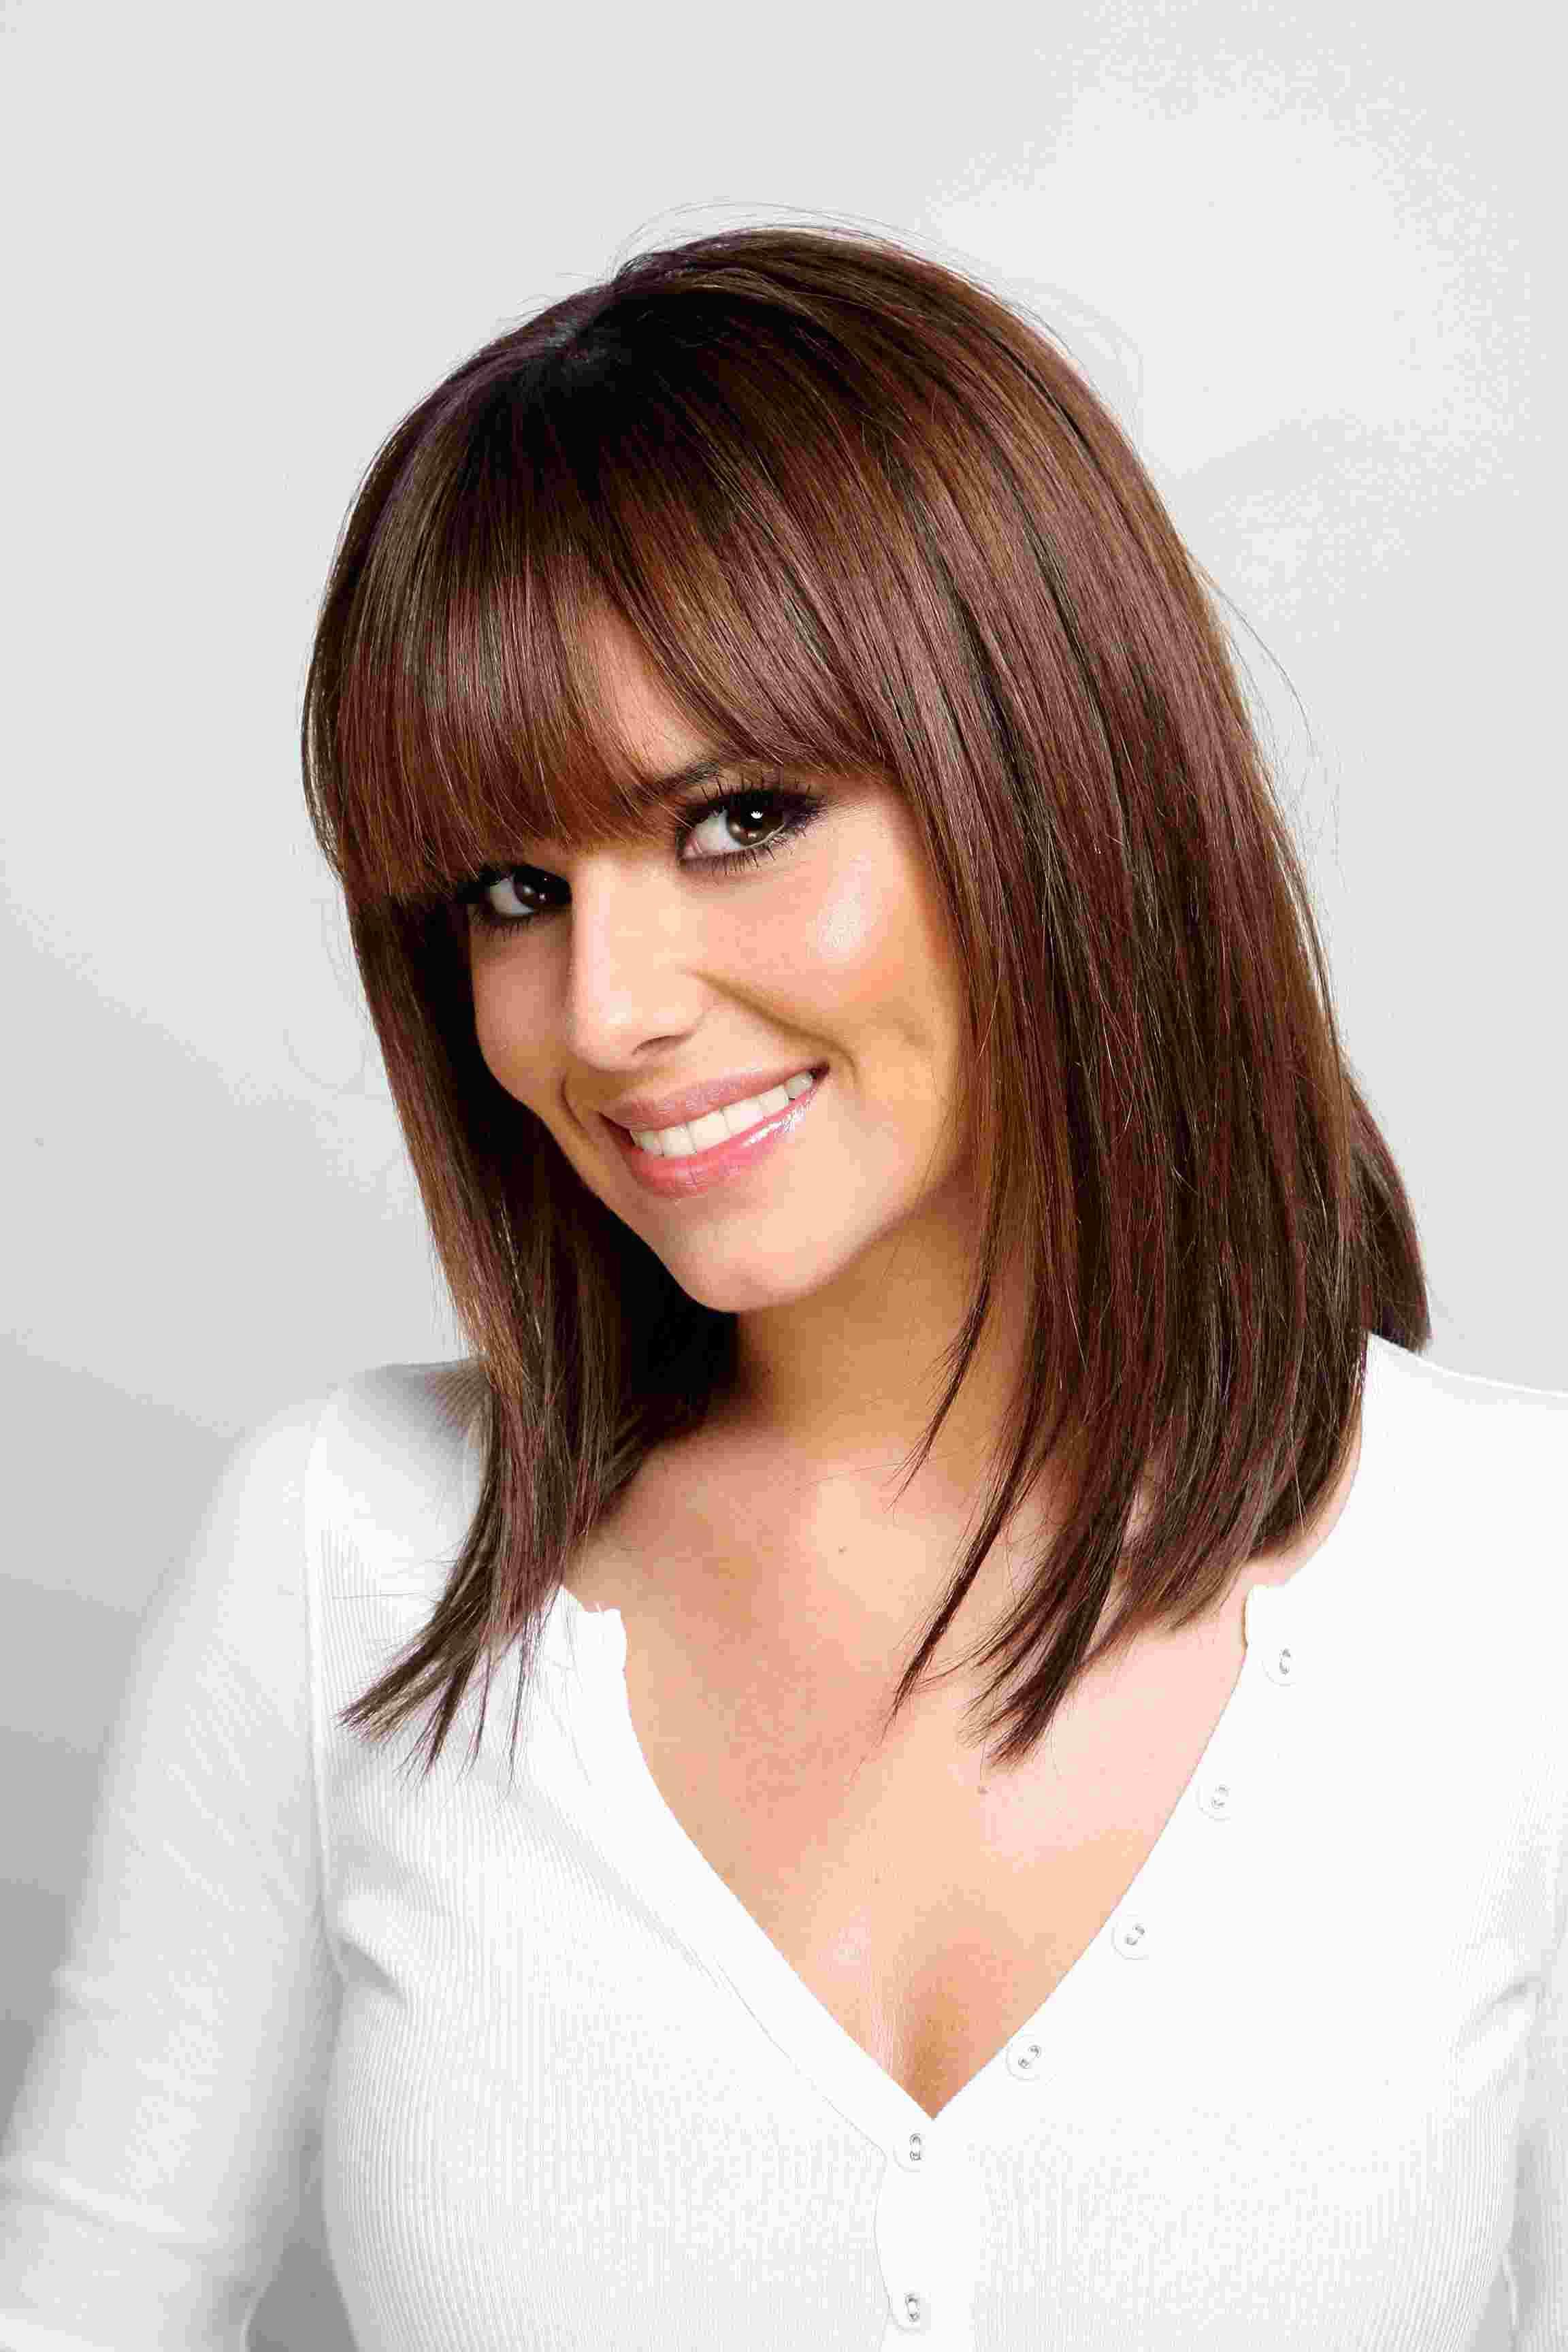 прически для прямых волос средней длины фото